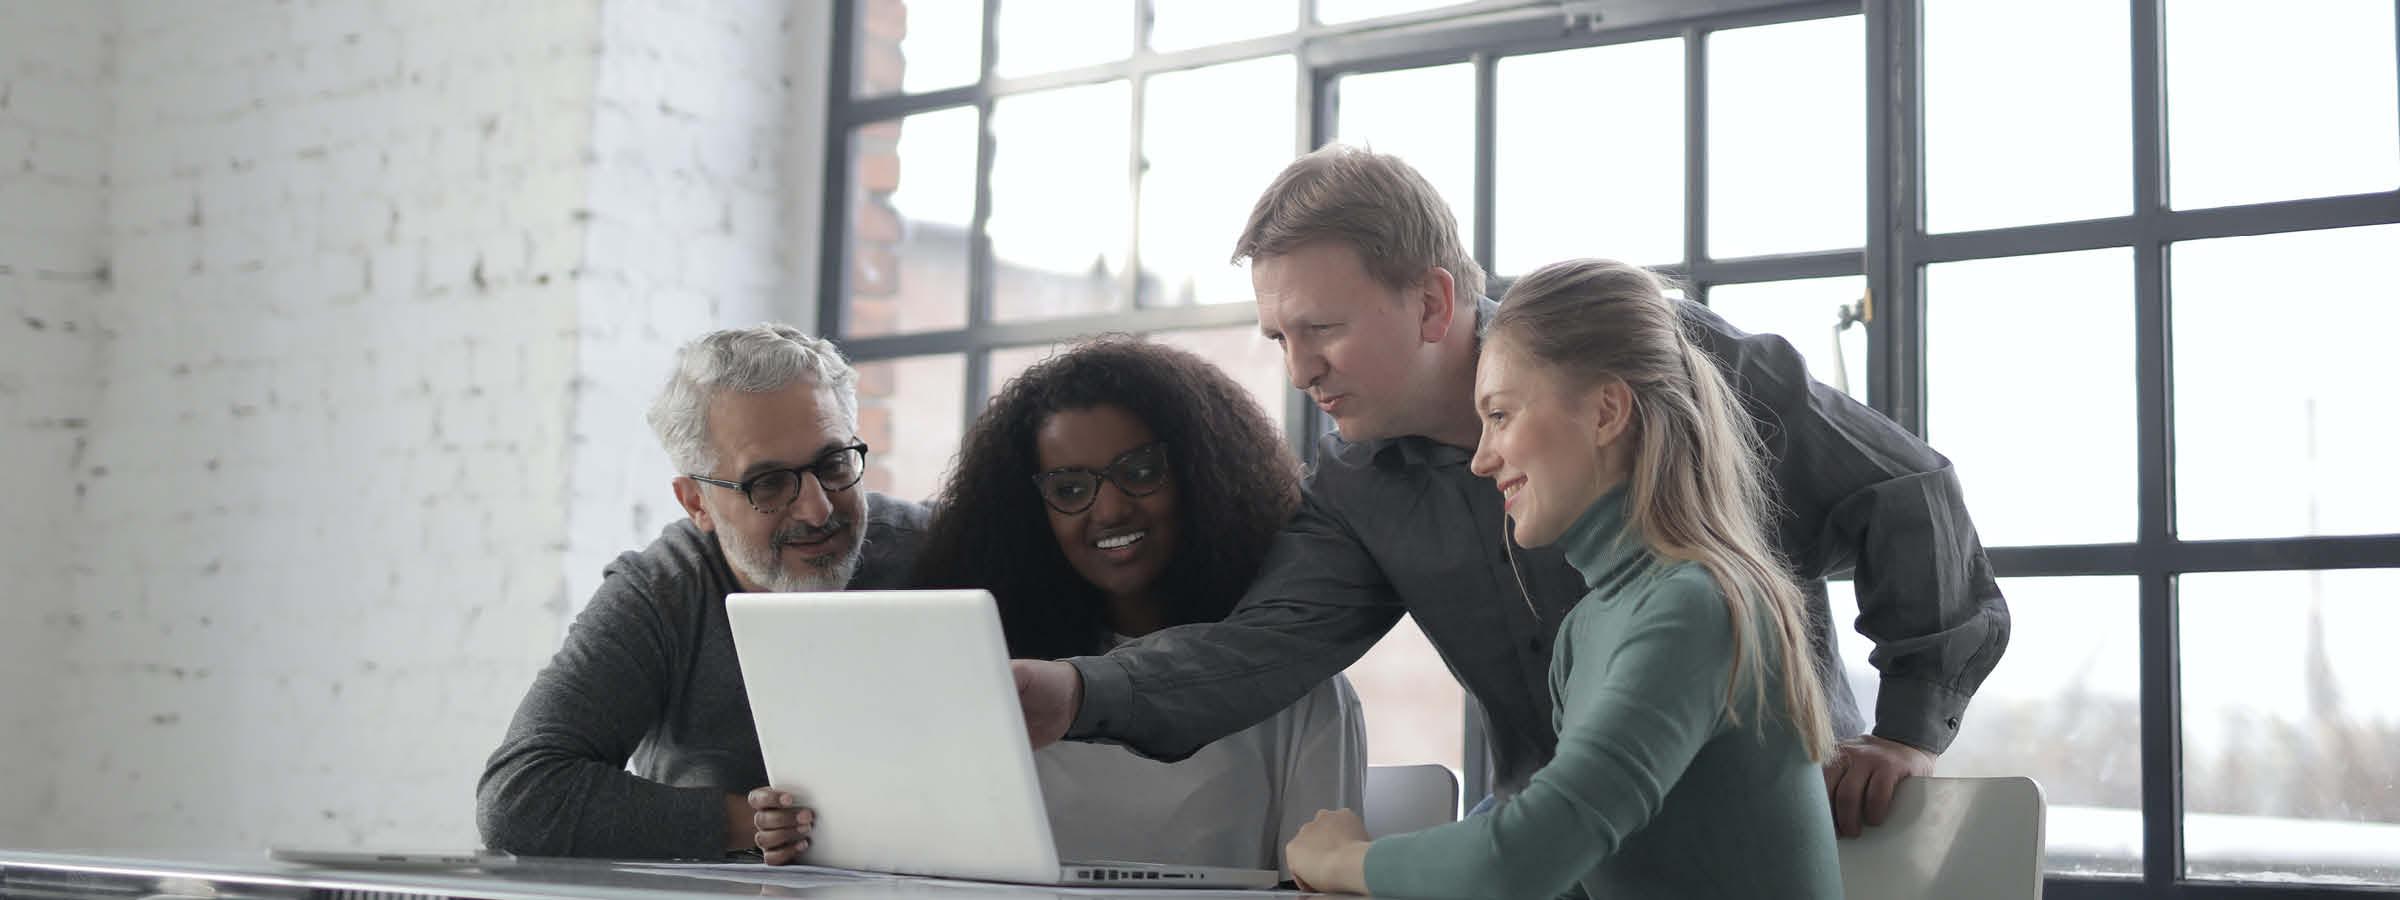 5 gode råd til mødebooking af branchens bedste konsulenter. Mangler du flere nye kunder? Læs vores gode råd til mødebooking og find ud af hvordan du åbner nye døre for din virksomhed og forbedrer jeres salg.